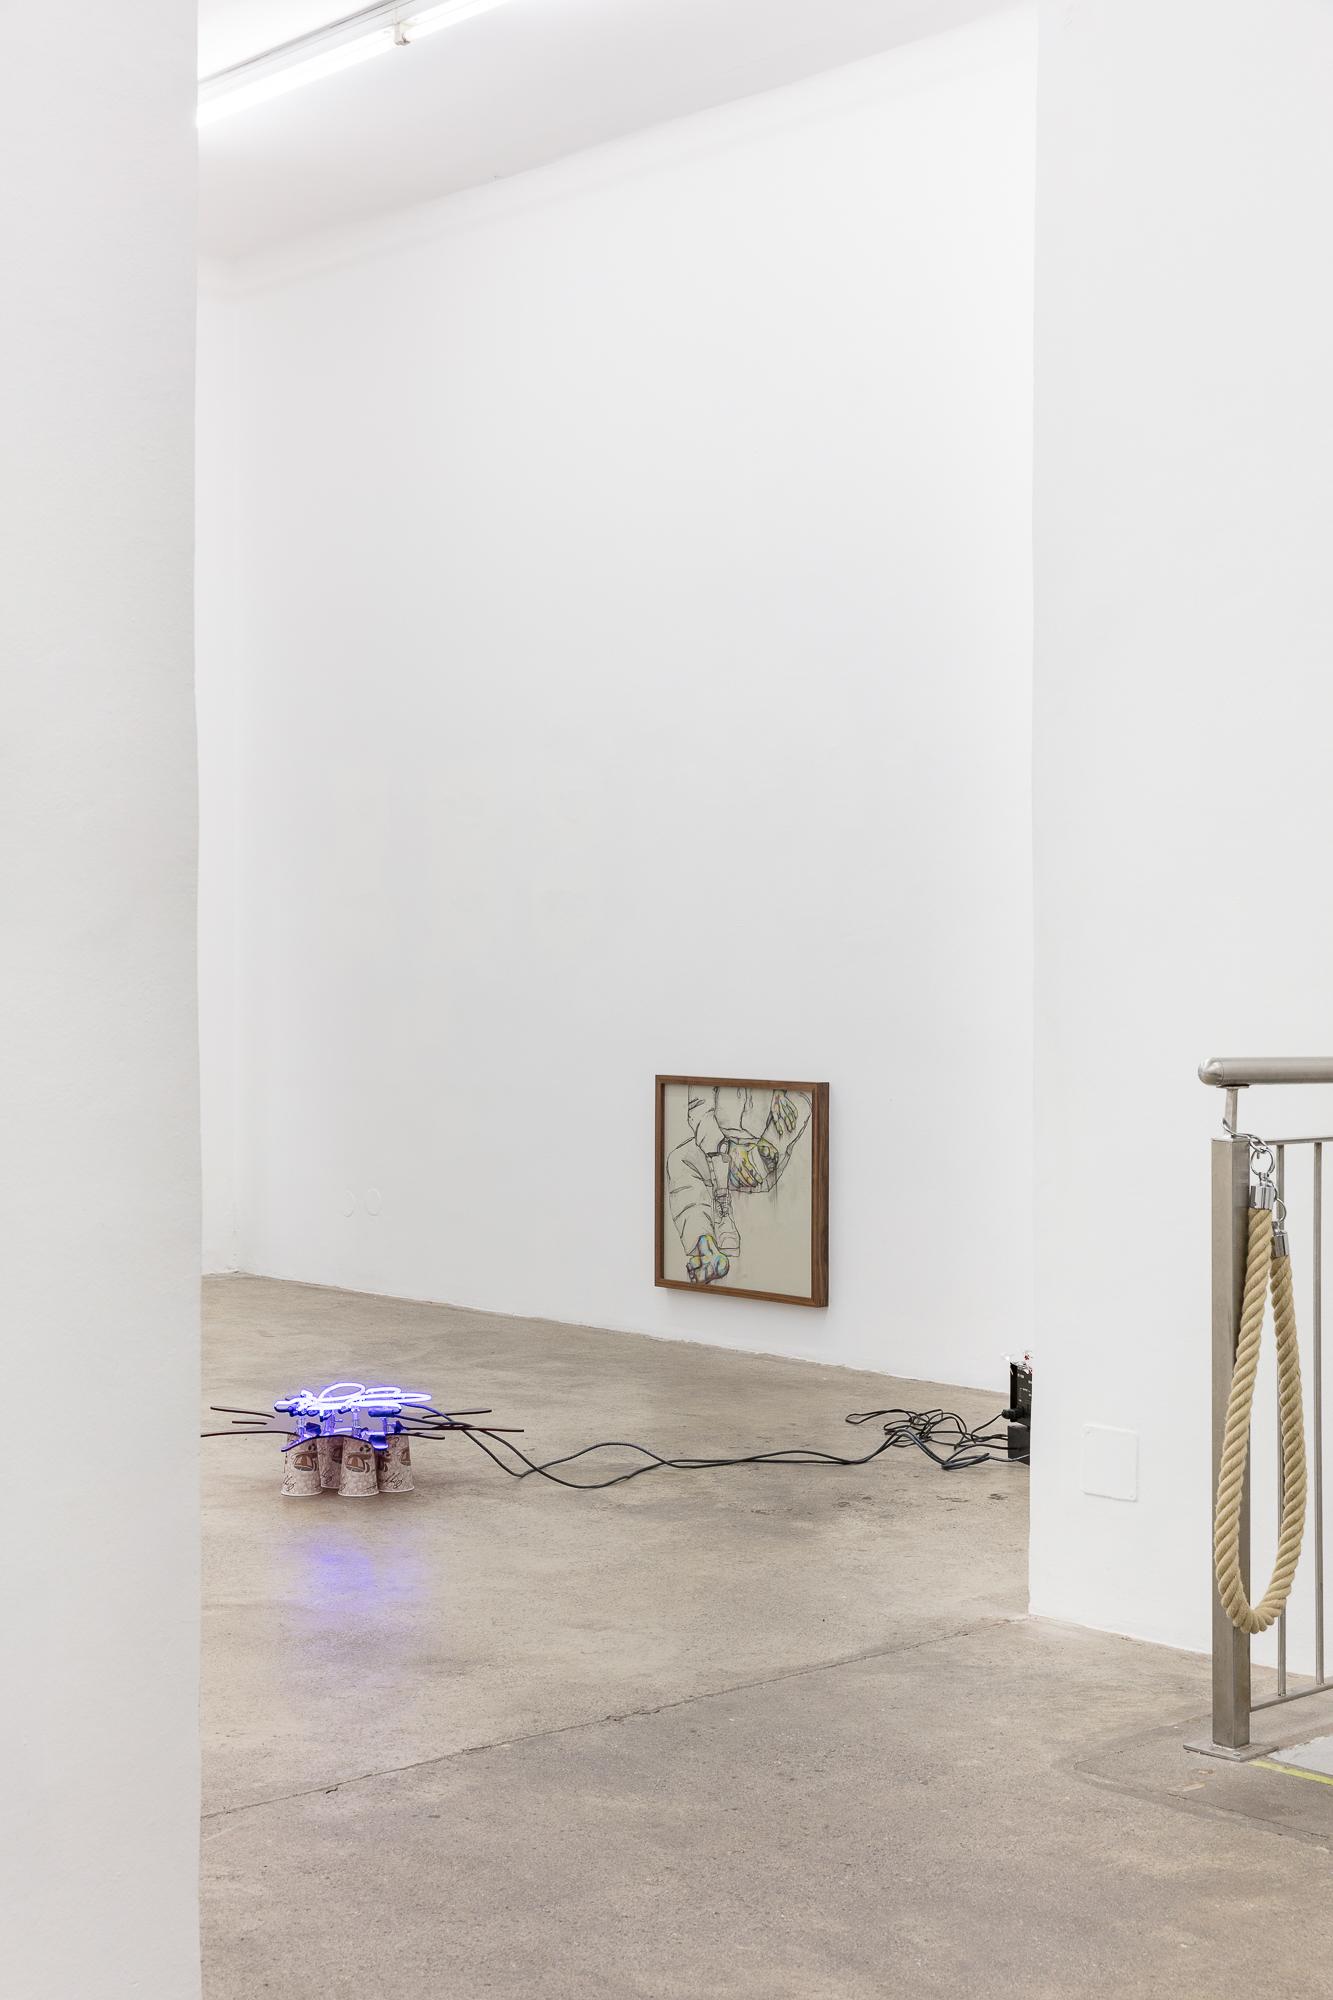 2018_11_13_Kyle Thurman_Sophie Tappeiner_by_kunst-dokumentationcom_032_web.jpg